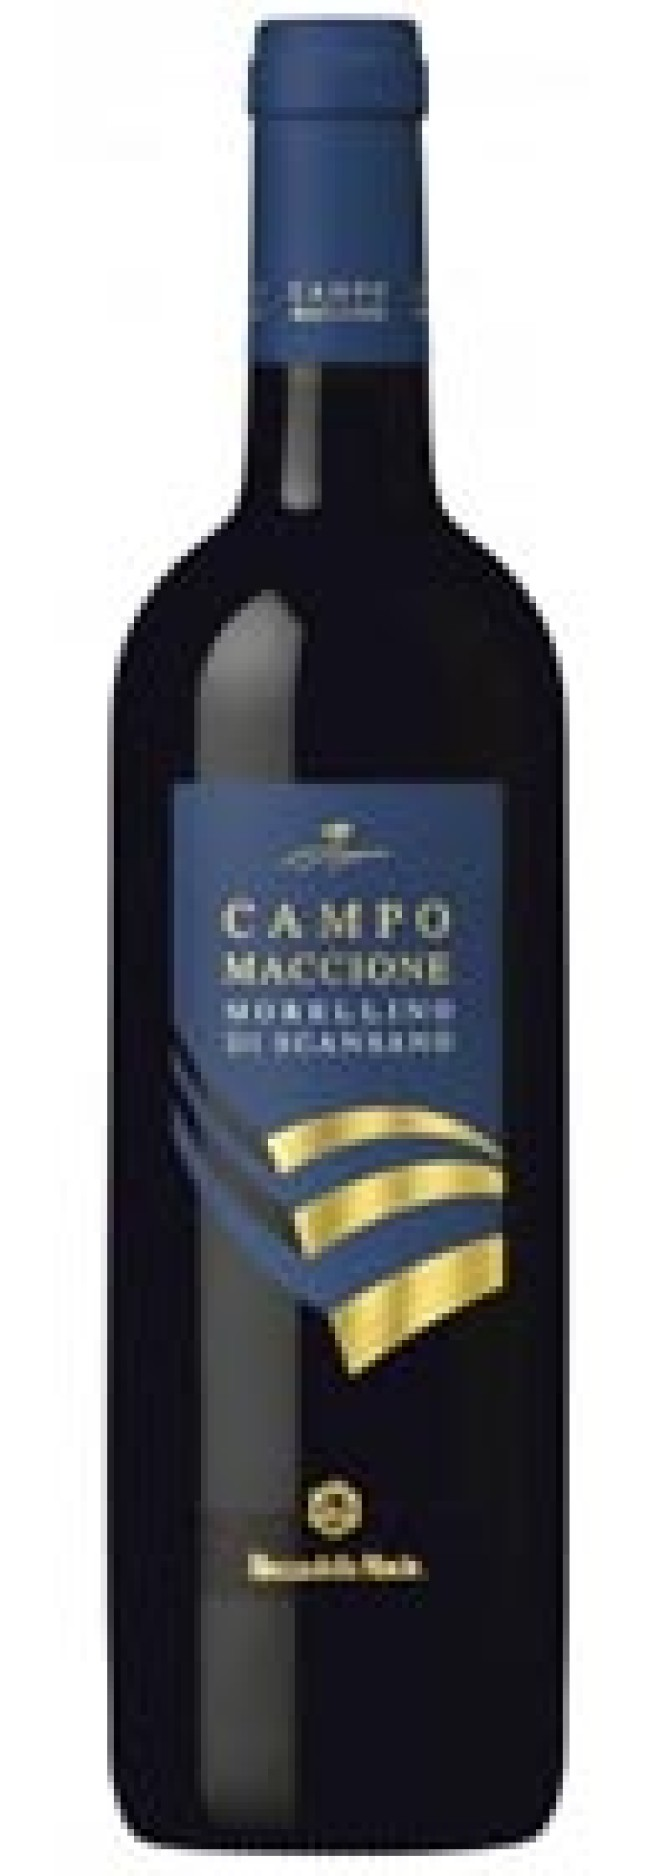 Rocca-delle-Macie-Campomaccione-Morellino-di-Scansano